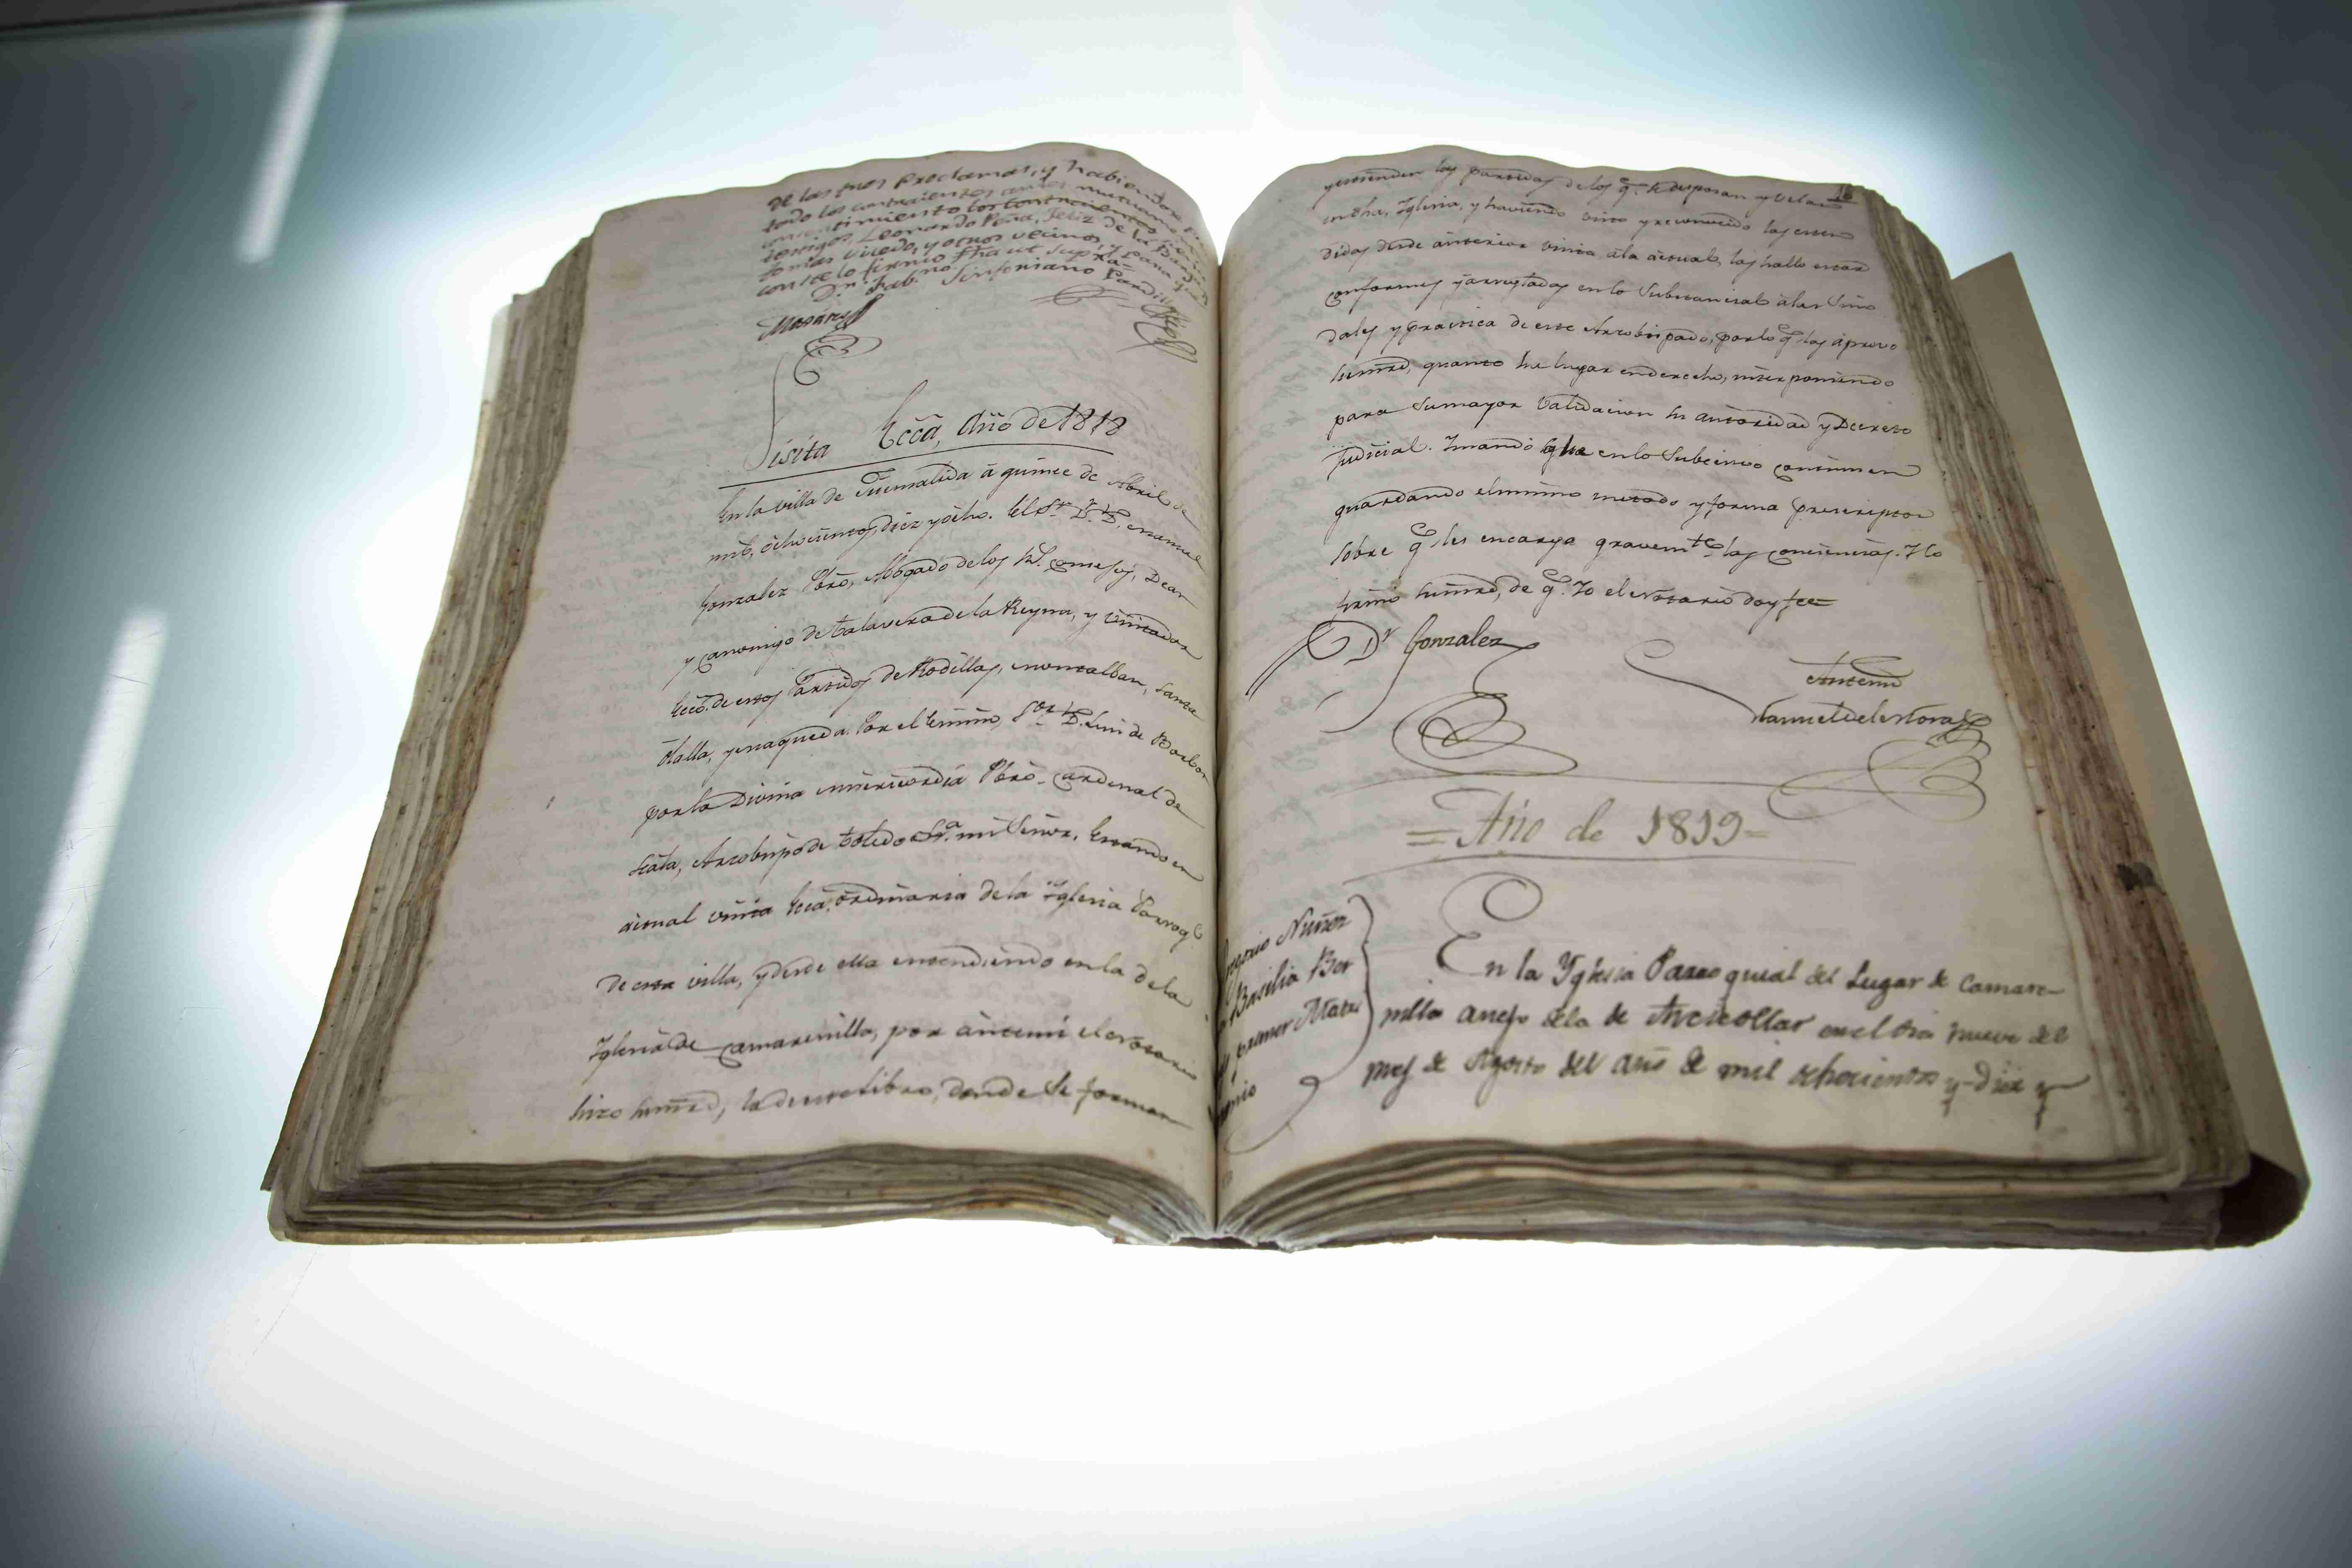 El Gobierno regional trabaja en la restauración de la Pila Bautismal y el Libro de bautismos, matrimonios y difuntos de Camarenilla (Toledo) 5